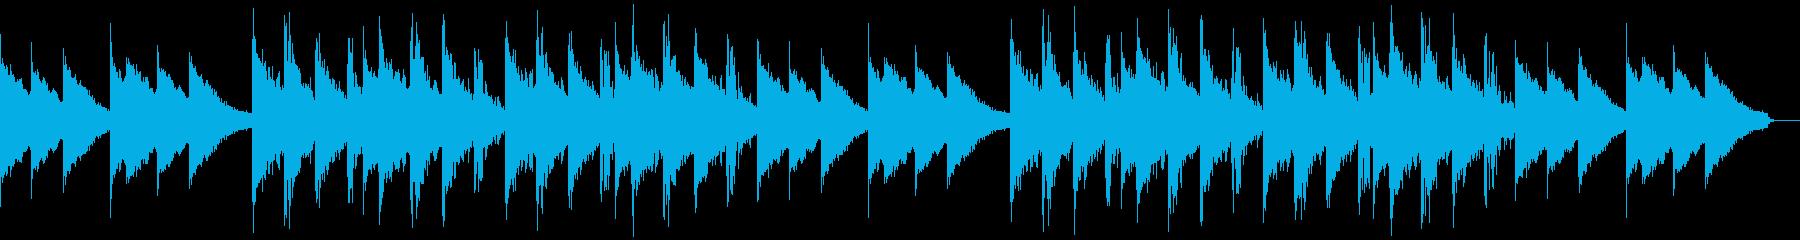 心に深く訴えかけるシネマティックなピアノの再生済みの波形